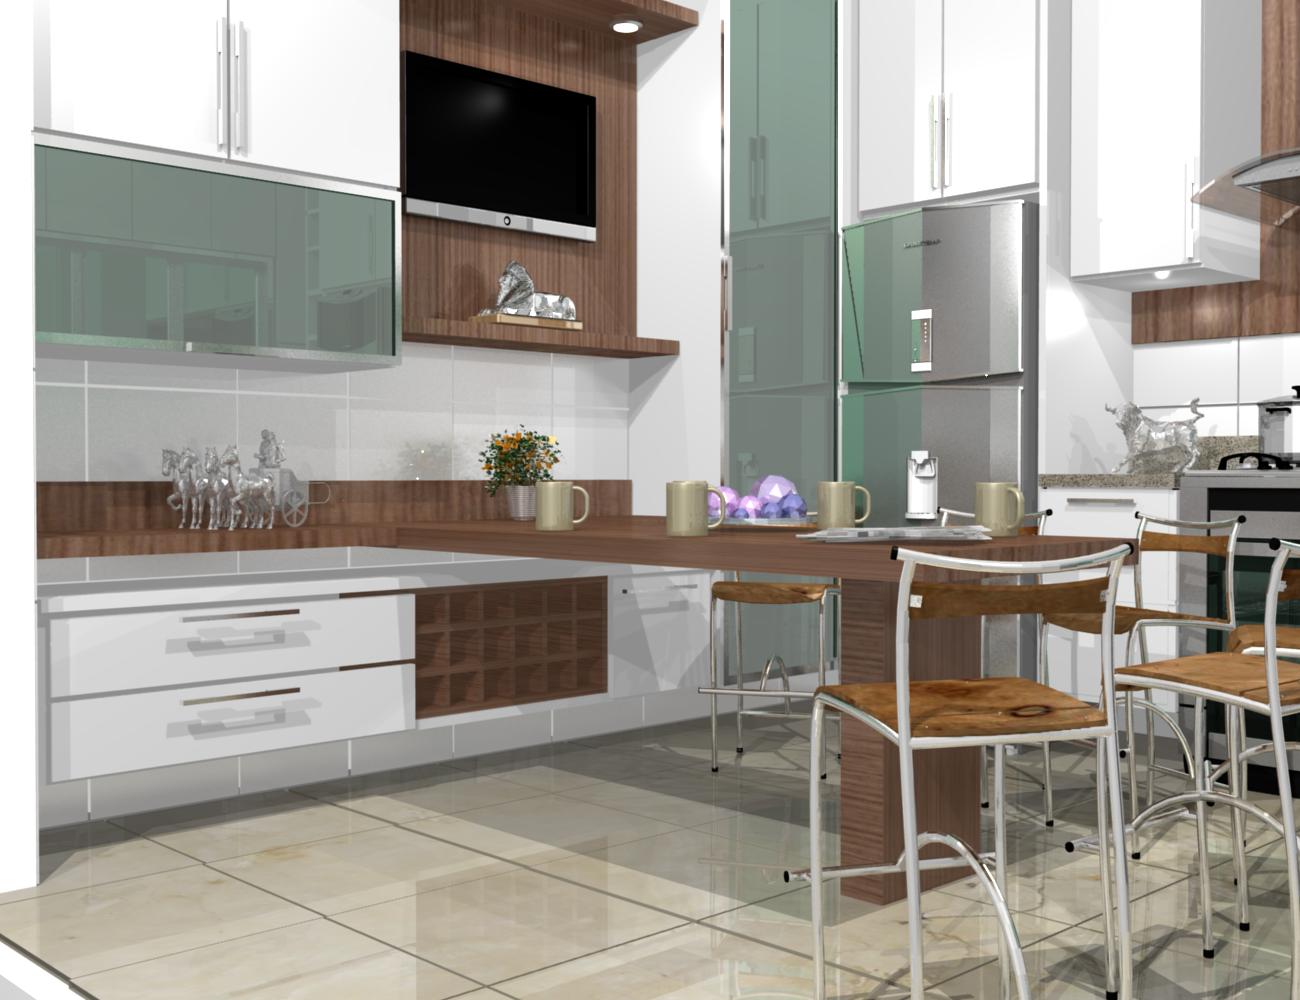 #644A39  pequenas de luxo projeto branca preta simples modernas apartamento 1300x1000 px projeto banheiro 3x2